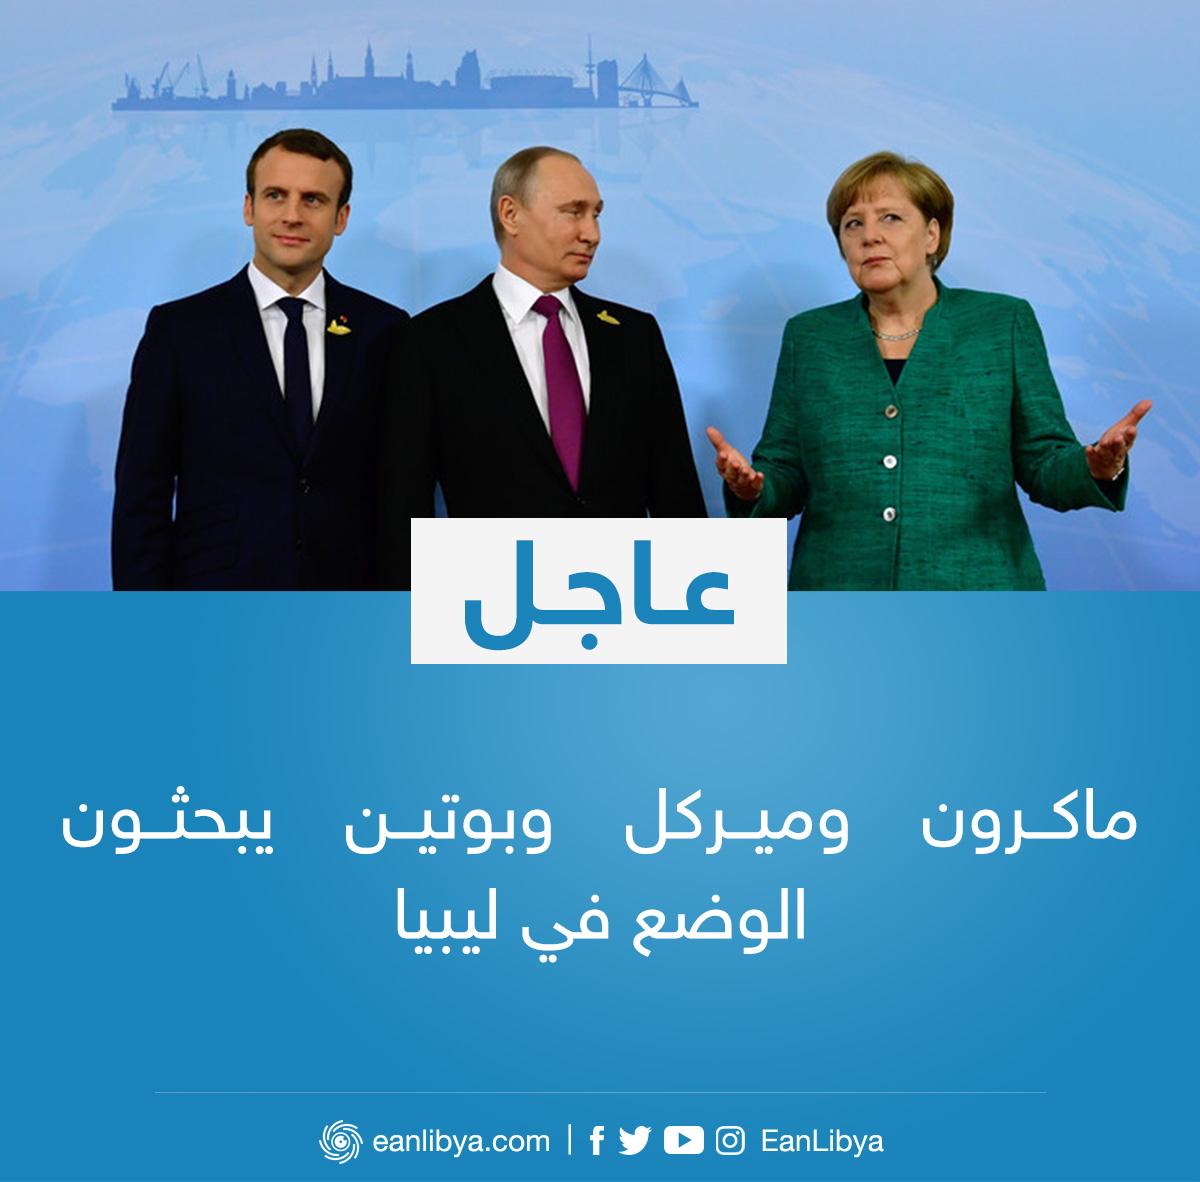 عاجل قصر الإليزيه ماكرون وميركل وبوتين بحثوا في اجتماع عبر الفيديو الوضع في ليبيا عين ليبيا